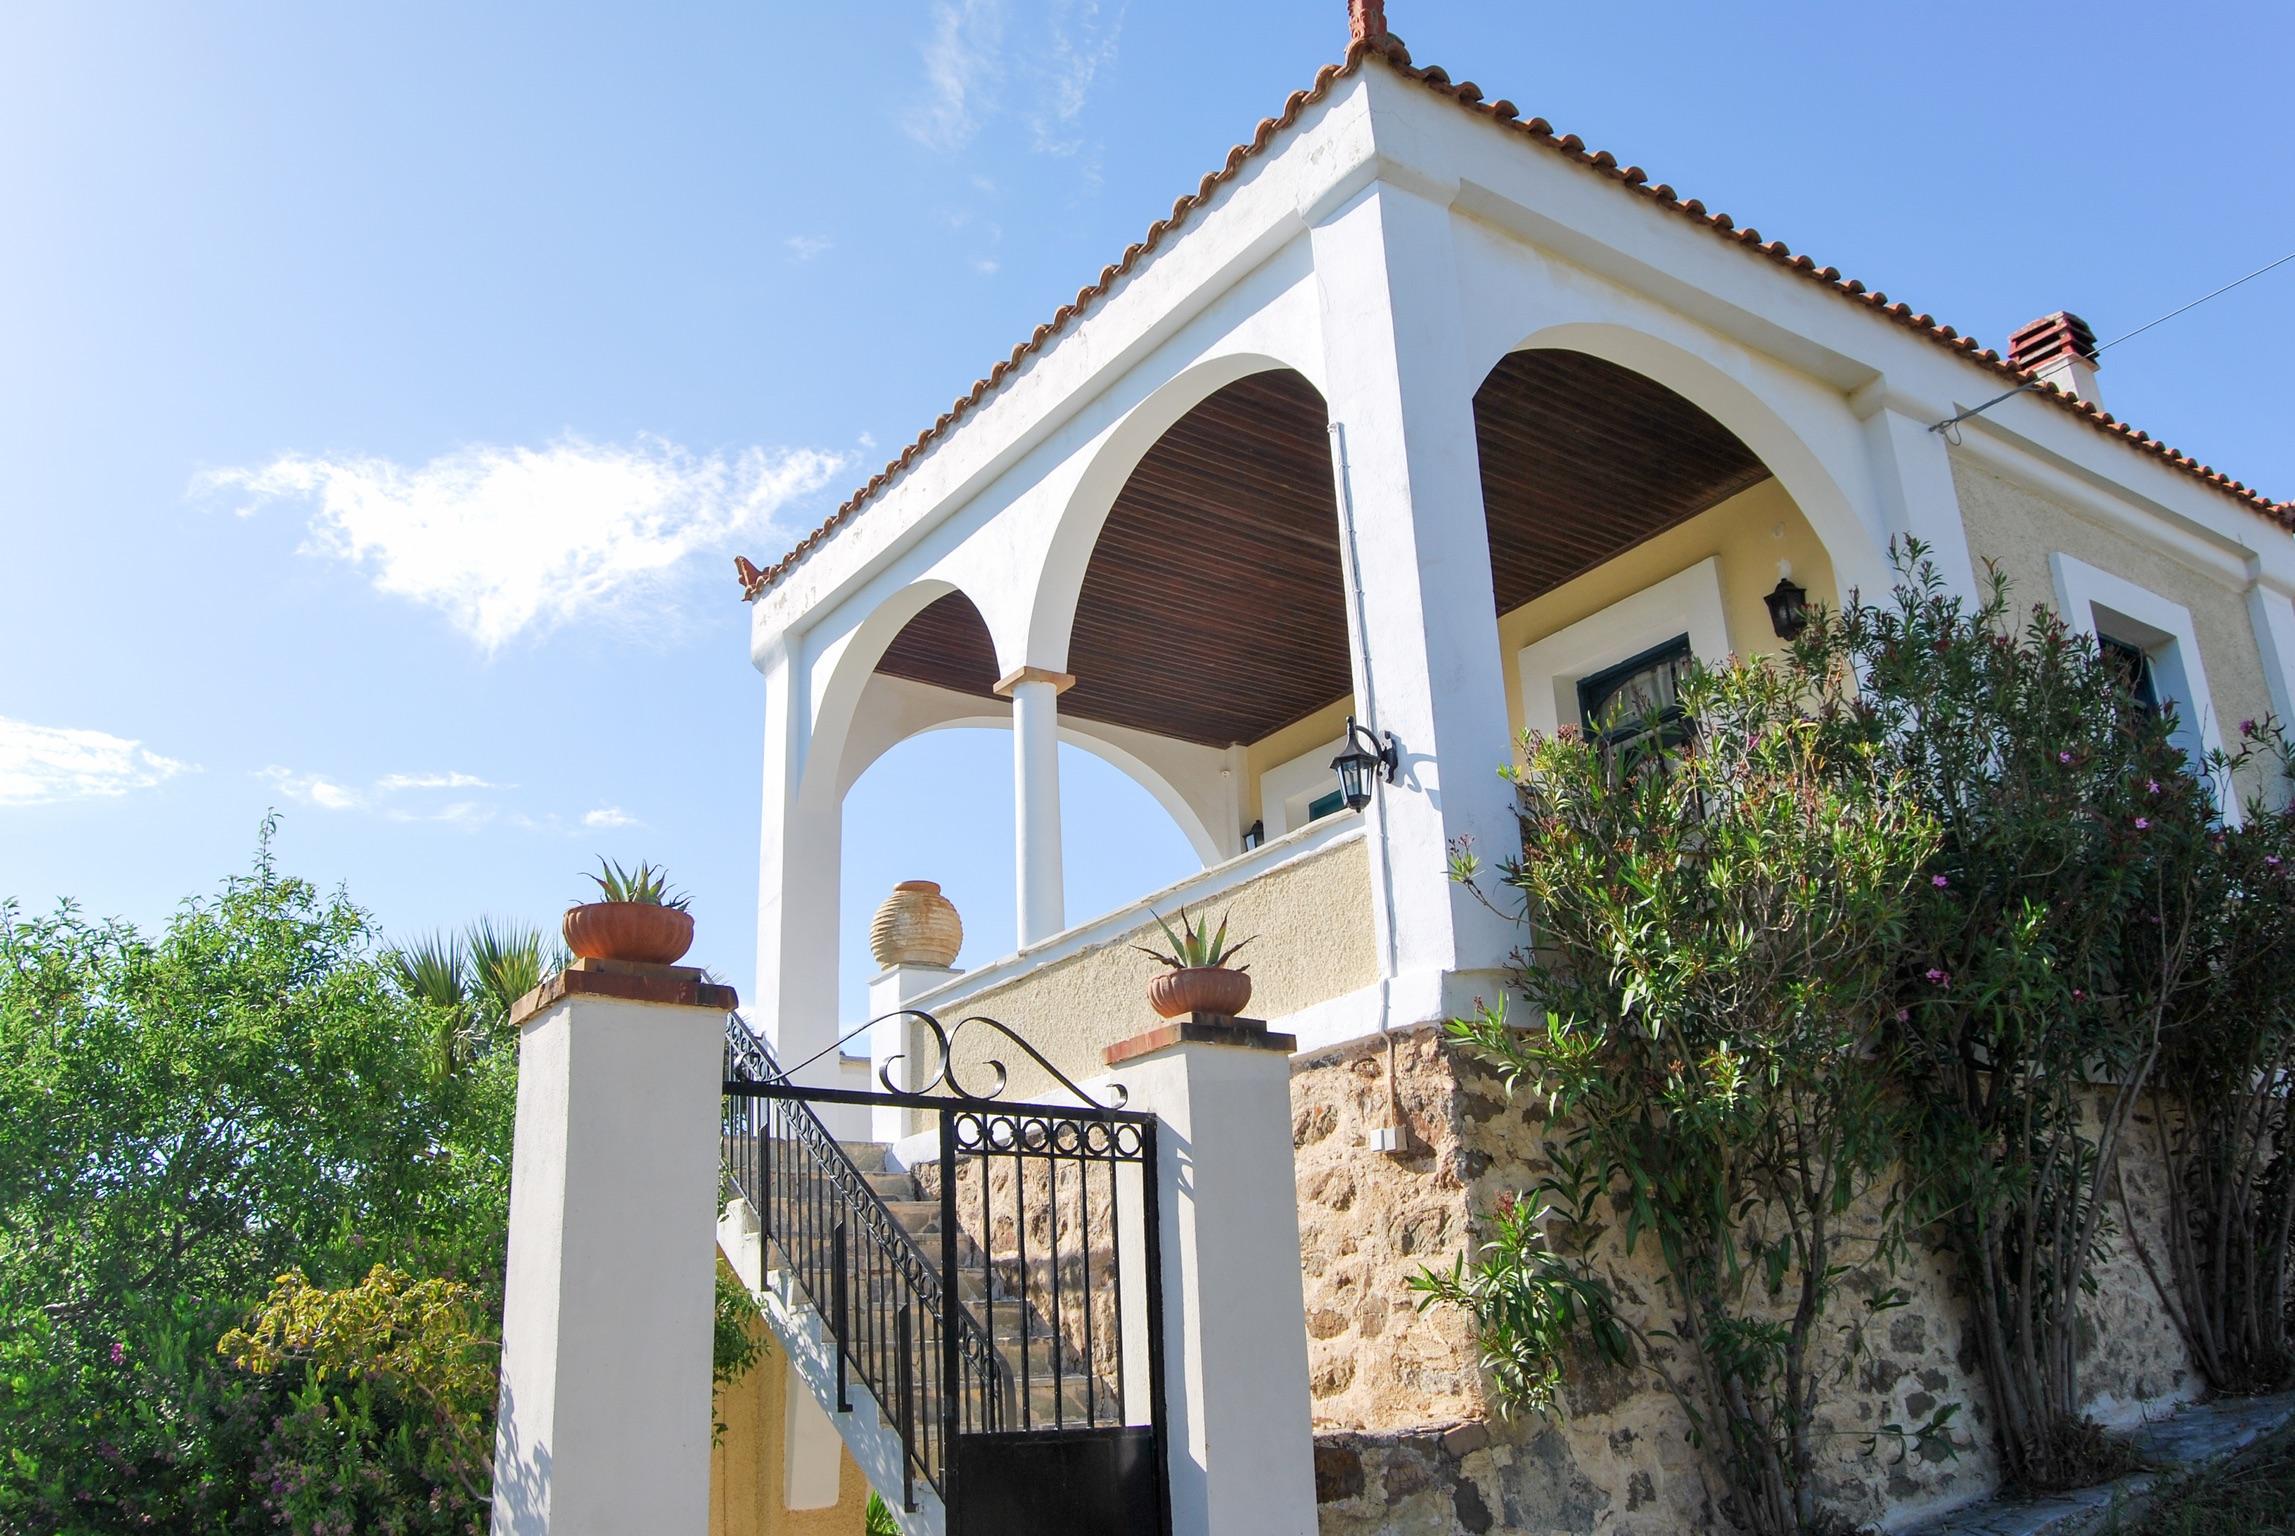 Sonnige Villa mit 5 Schlafzimmern WLAN und fantastischem Blick auf die Ägäis 250m zum Strand